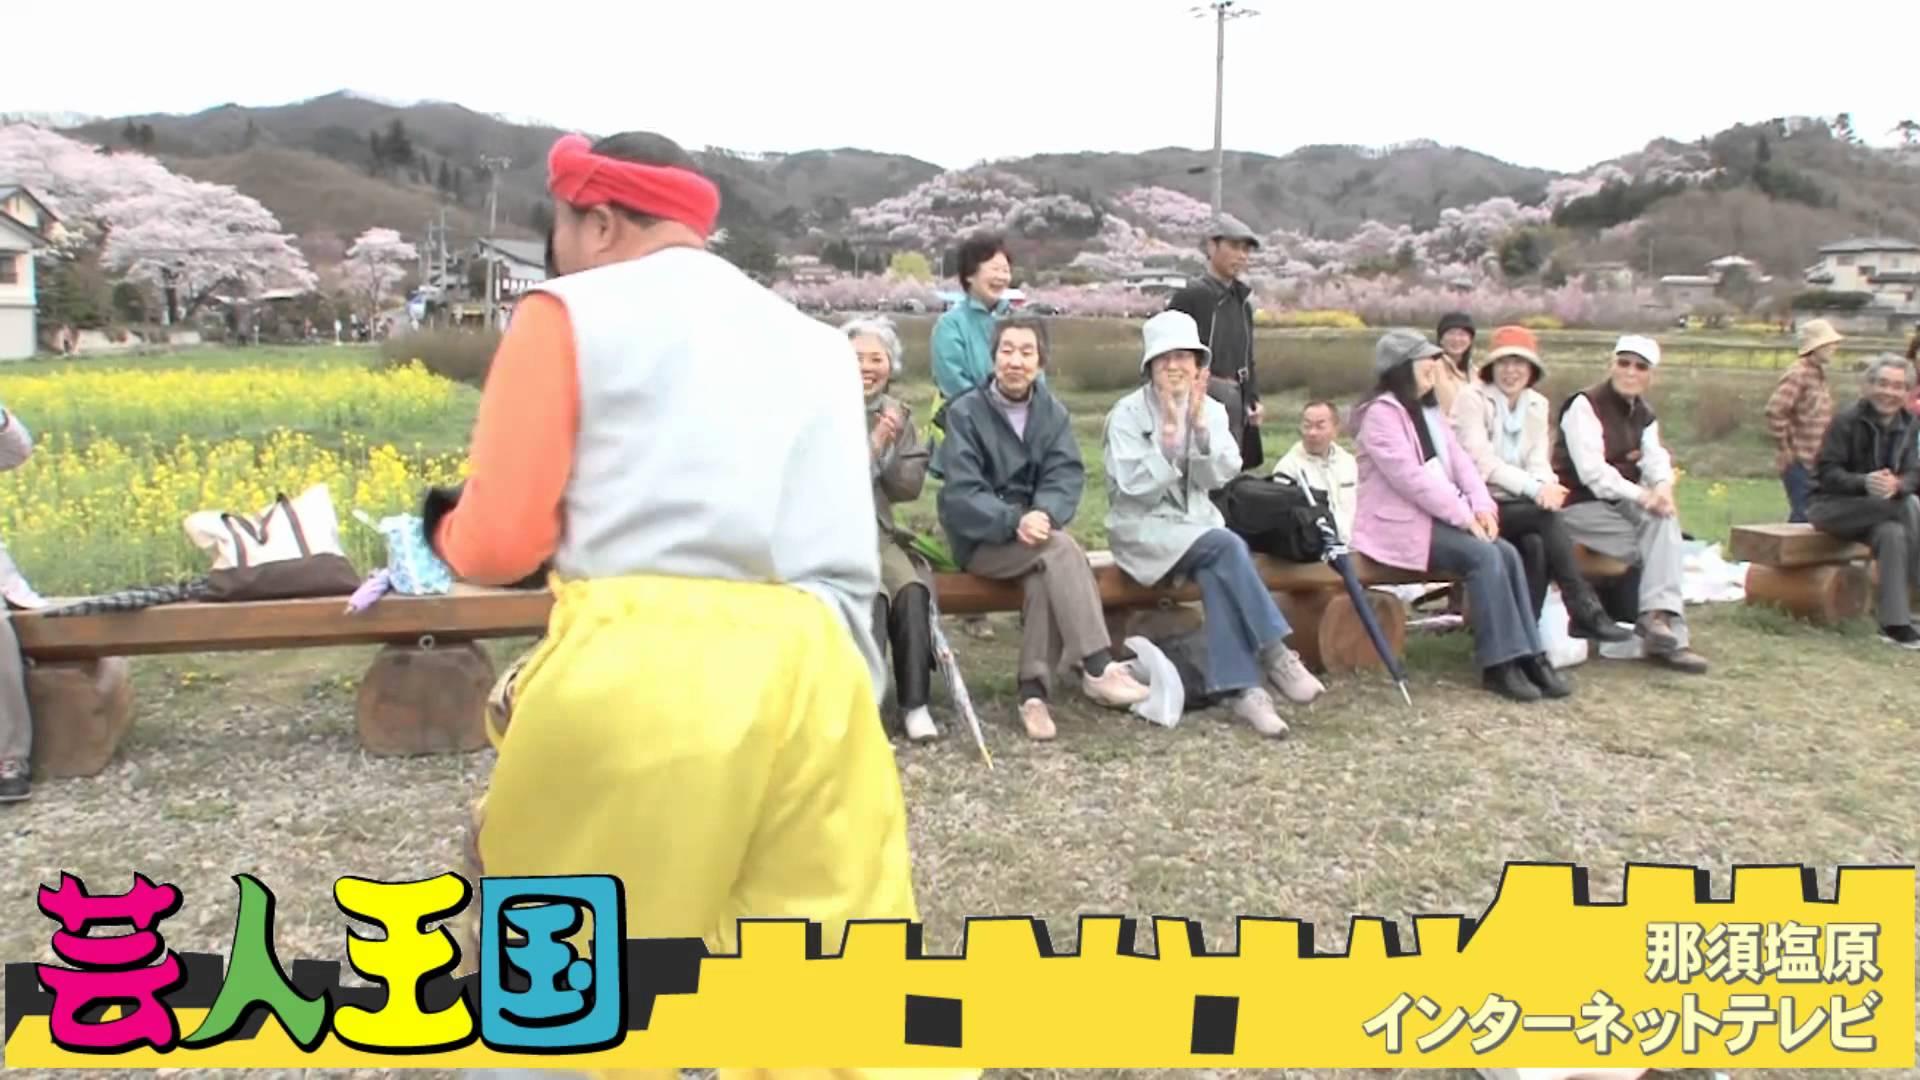 福島へ義捐金と笑いを届けるために遠征しました